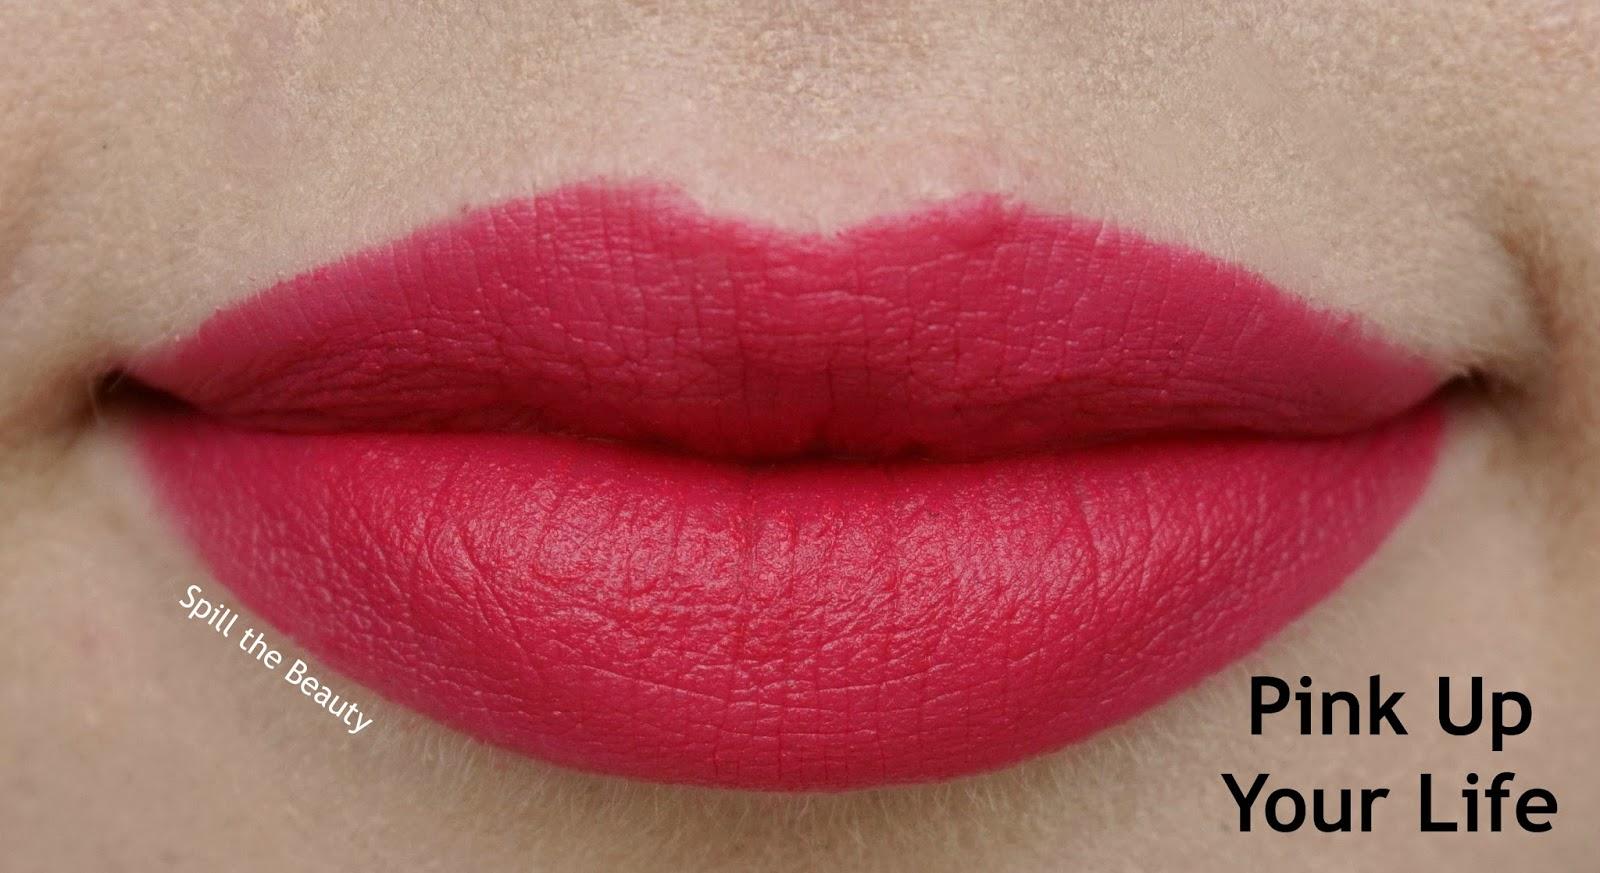 essence matt matt matt lipstick review swatches 4 pink up your life